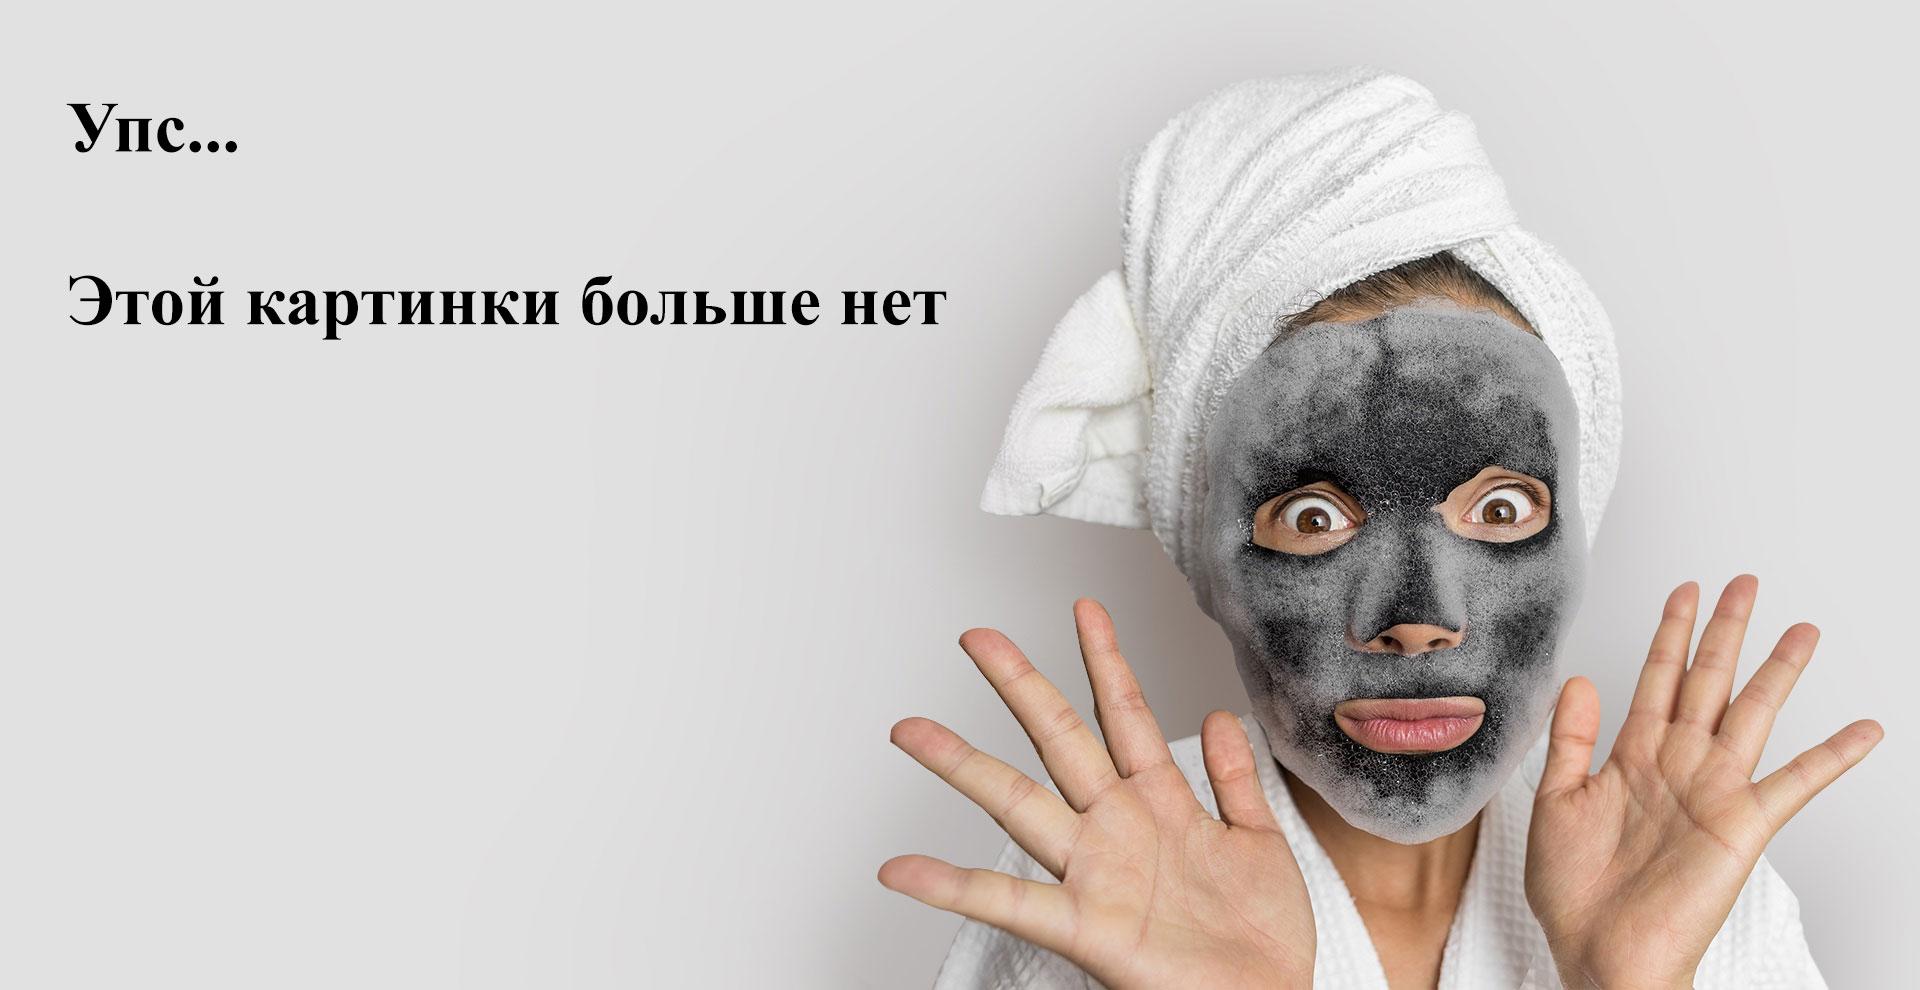 BLOM, Патчи для глаз «Янтарная кислота», 4 пары